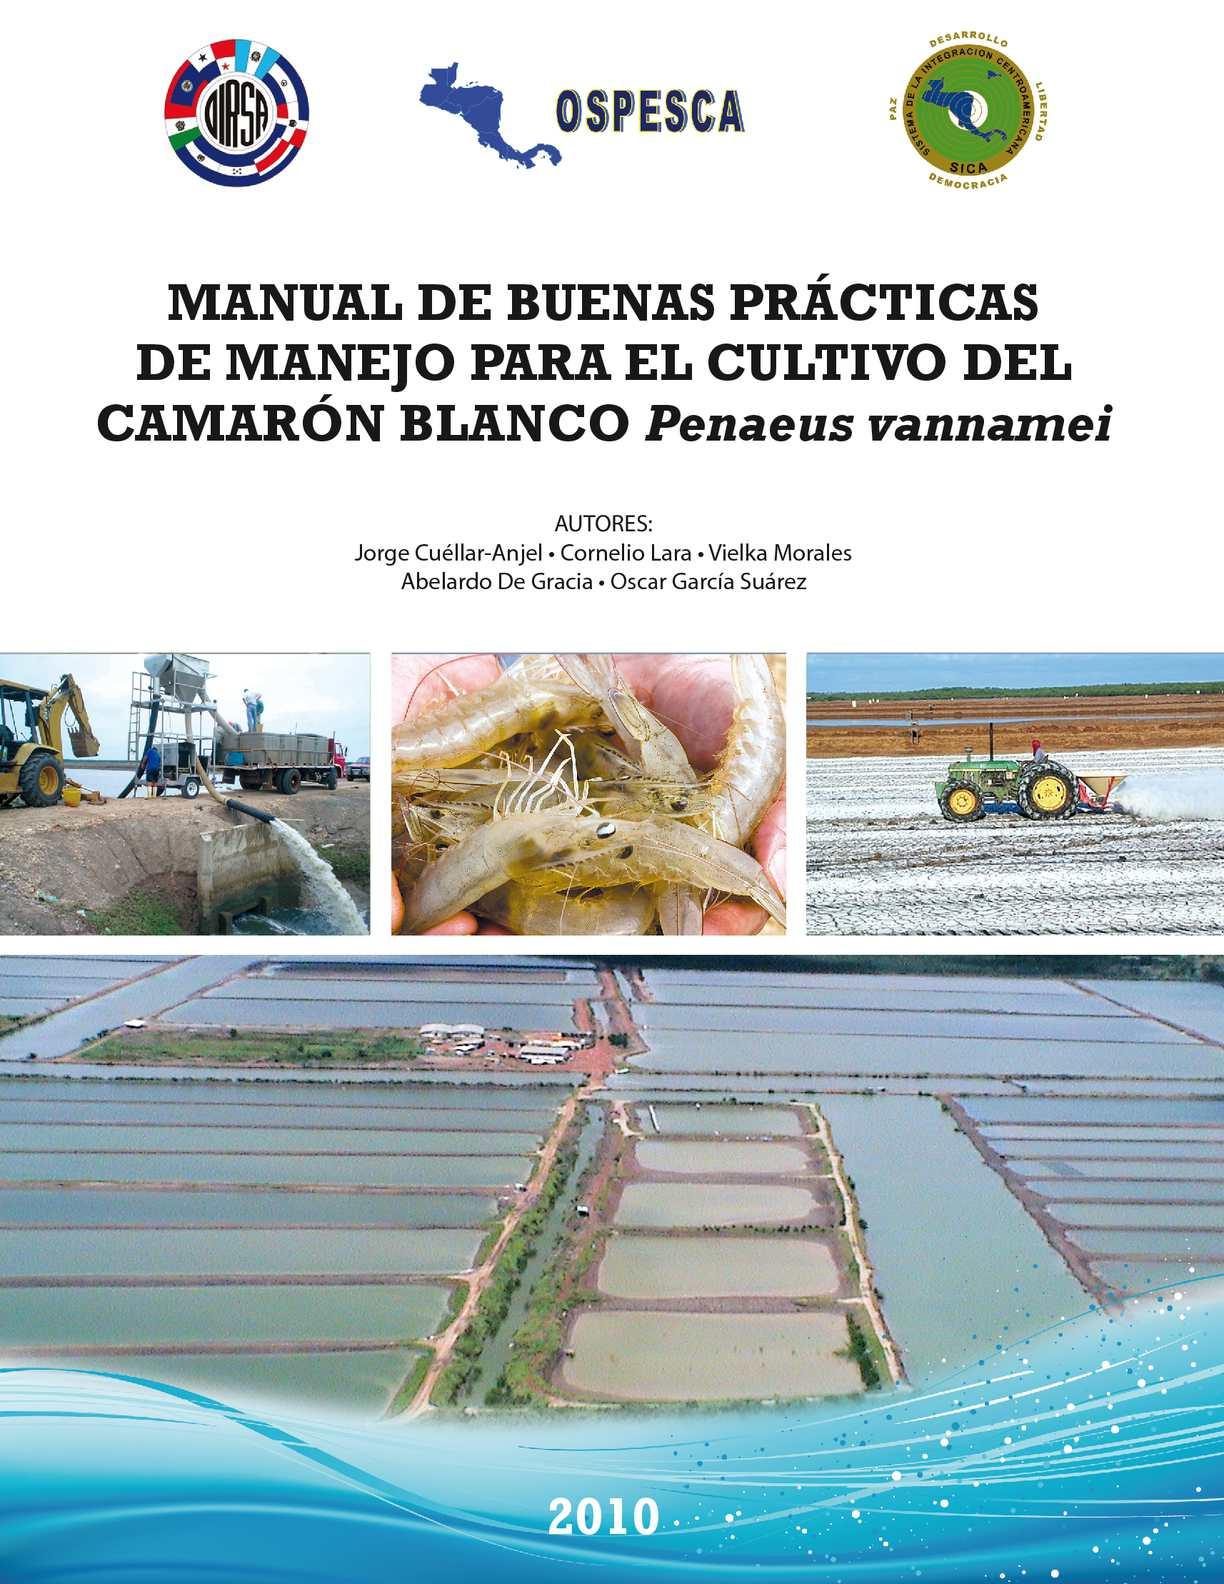 Calam o manual buenas practicas camaron cultivo2010 for Manual de viveros forestales pdf